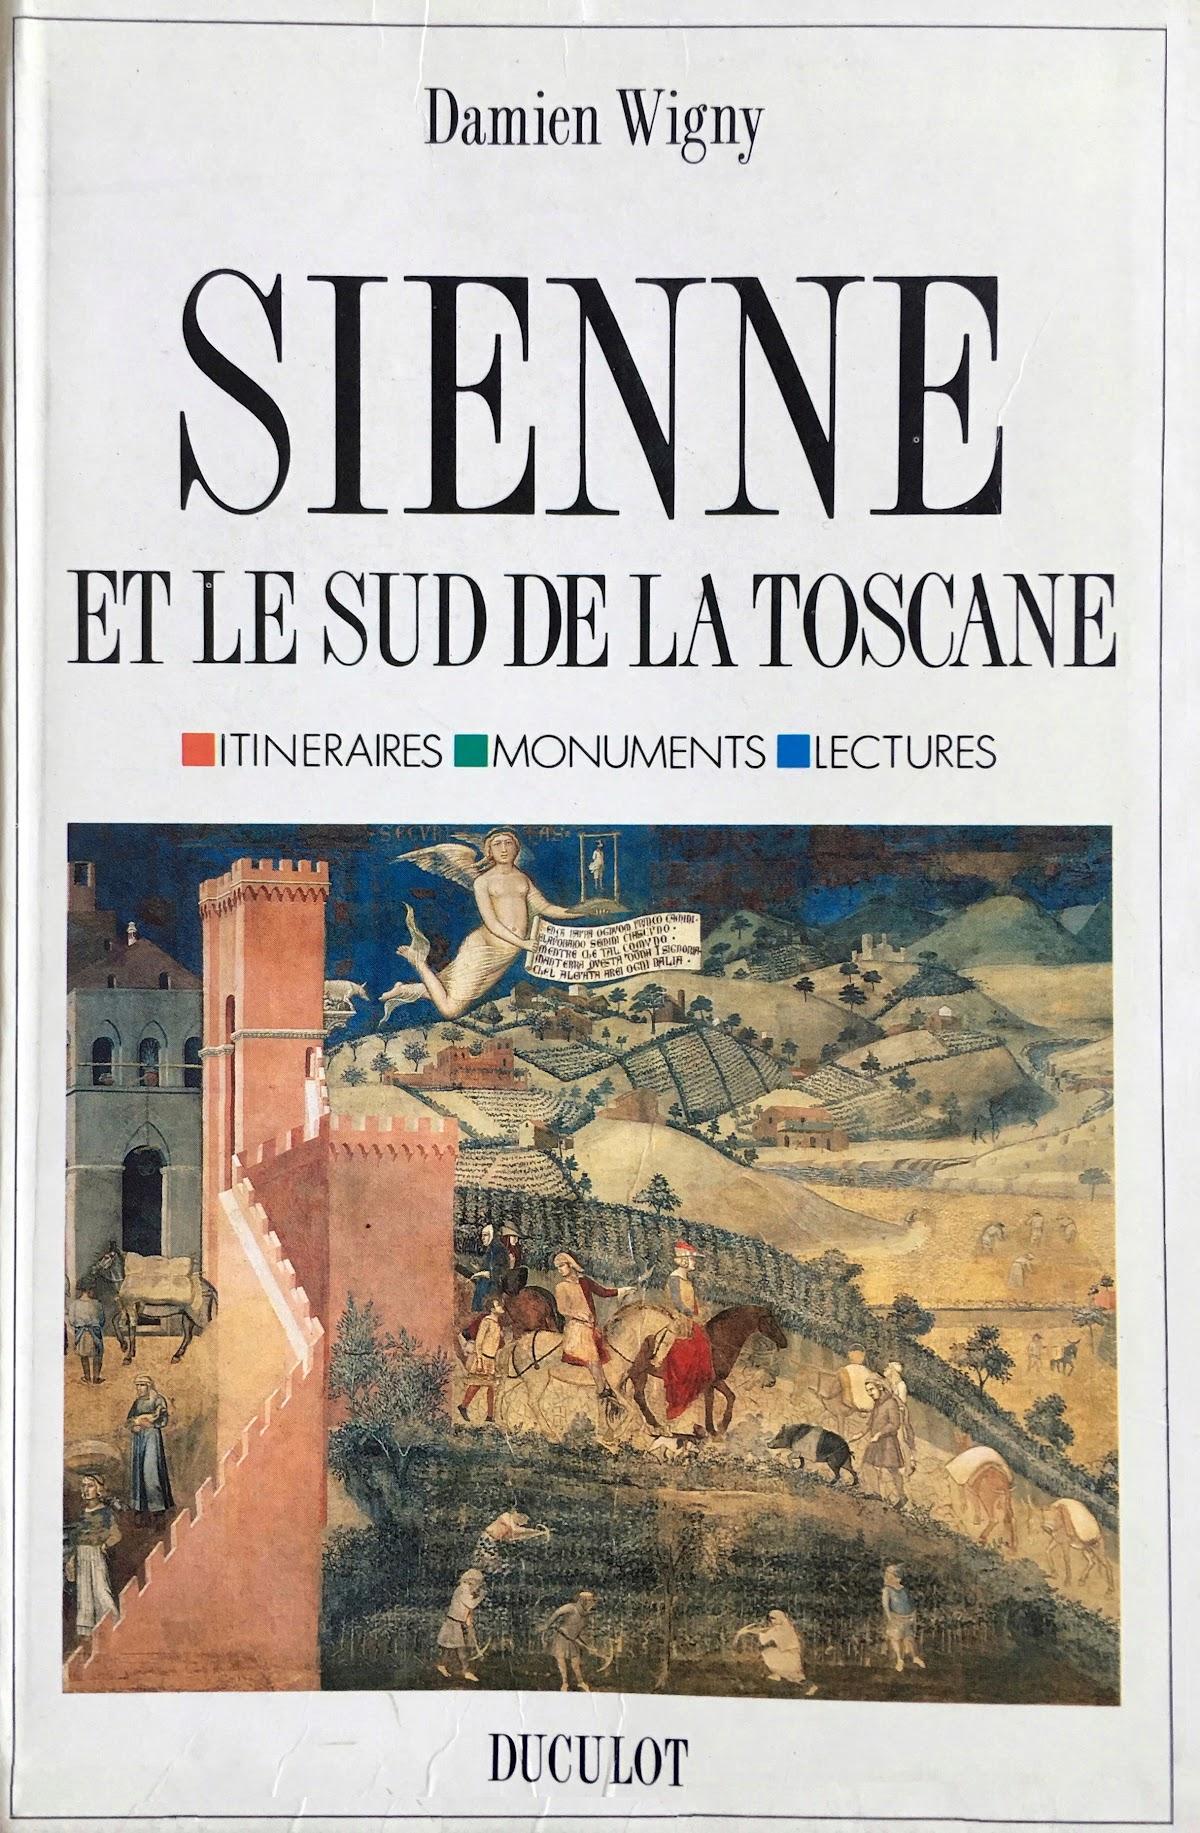 Damien Wigny, Sienne et le sud de la Toscane, Duculot, 1993